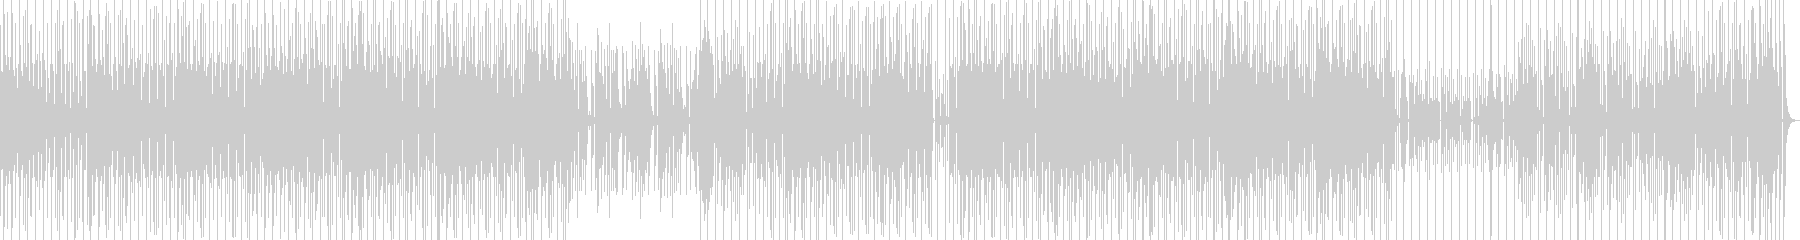 悪ノリチャレンジ企画説明BGM (s001)の未再生の波形